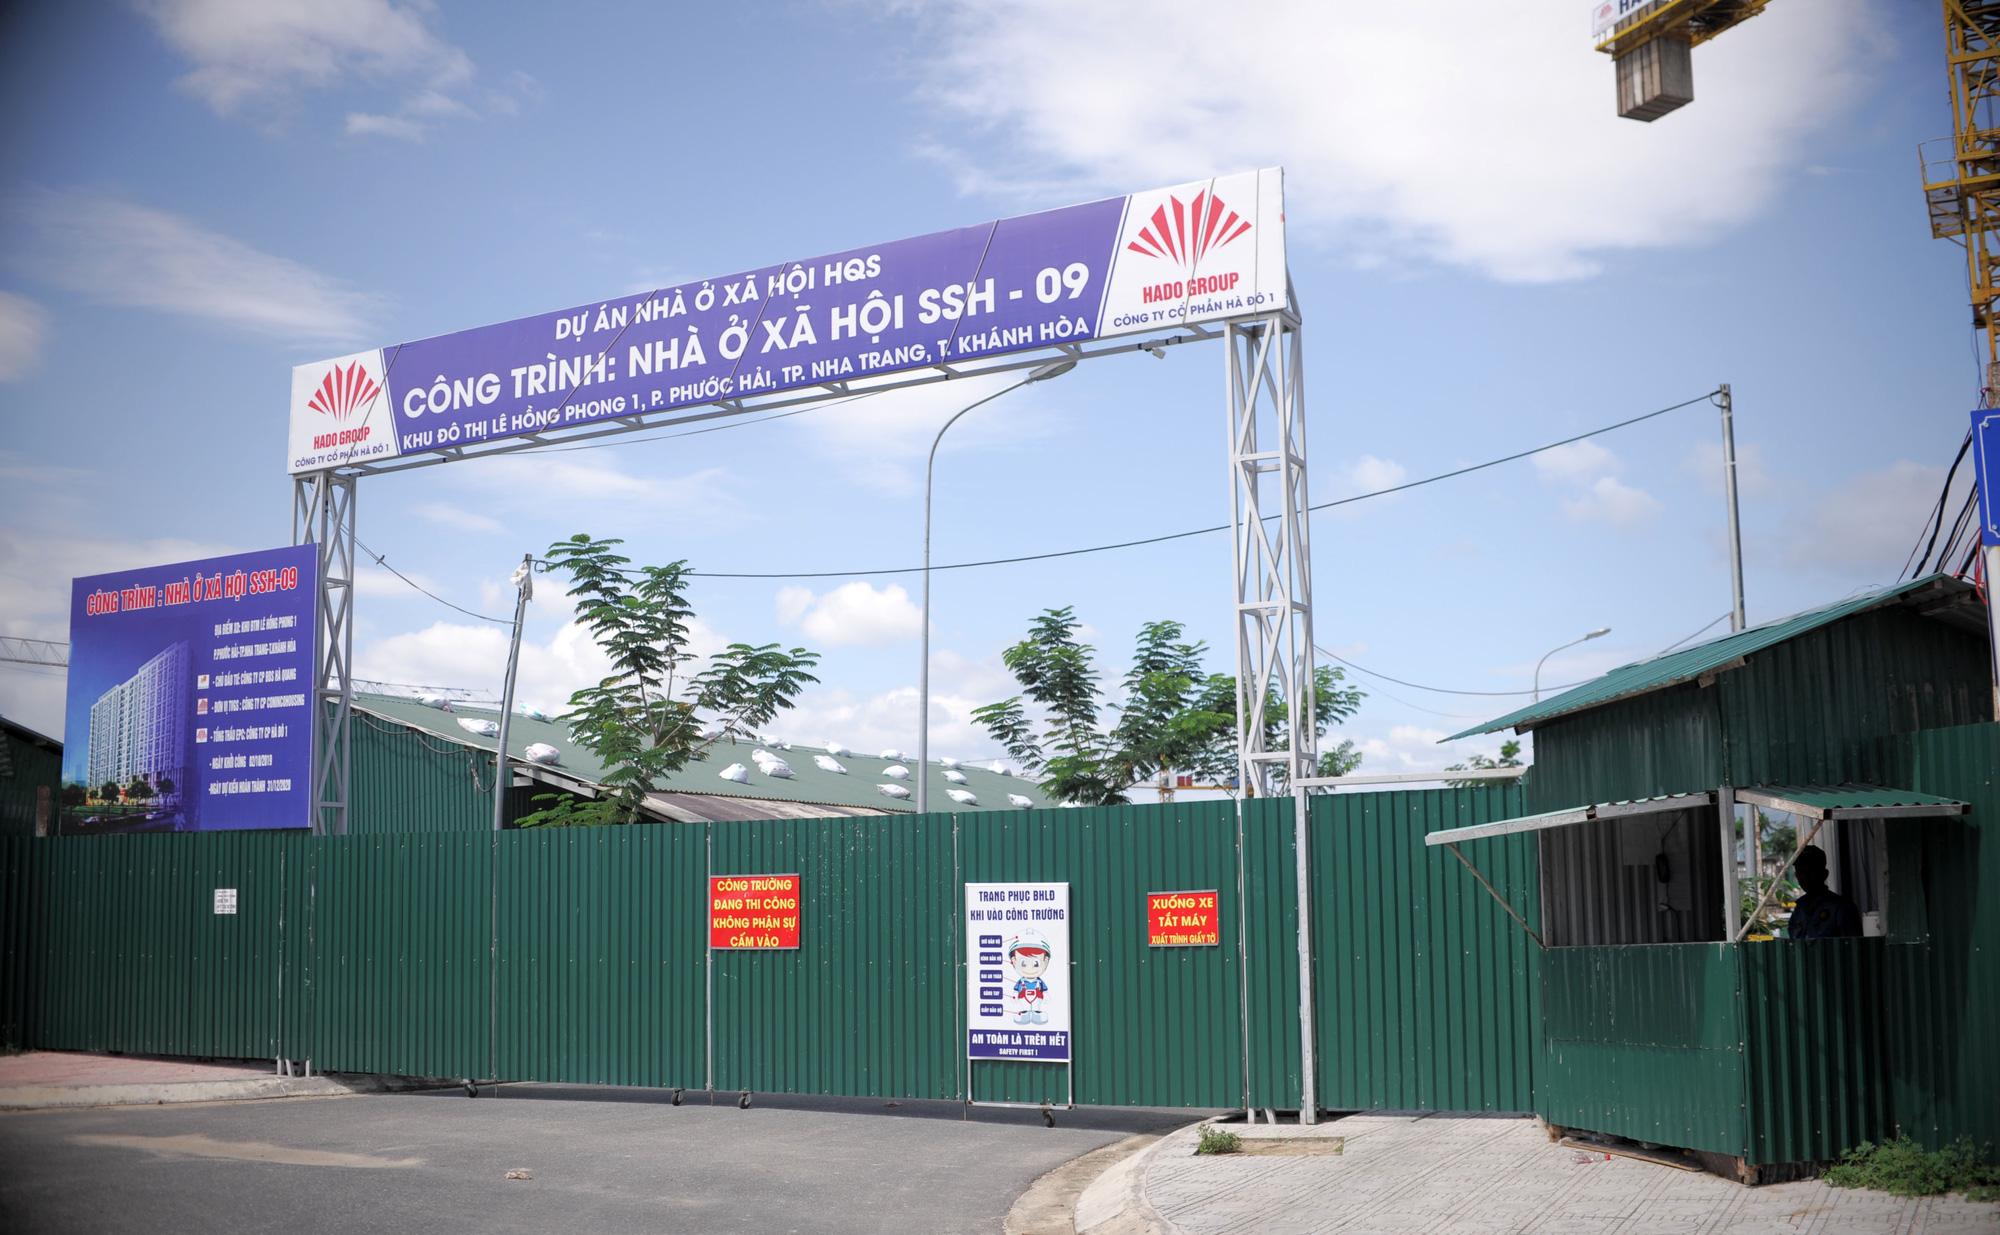 Khánh Hòa: Bất động sản dự án tuột giá, đất nền đi ngang - Ảnh 3.